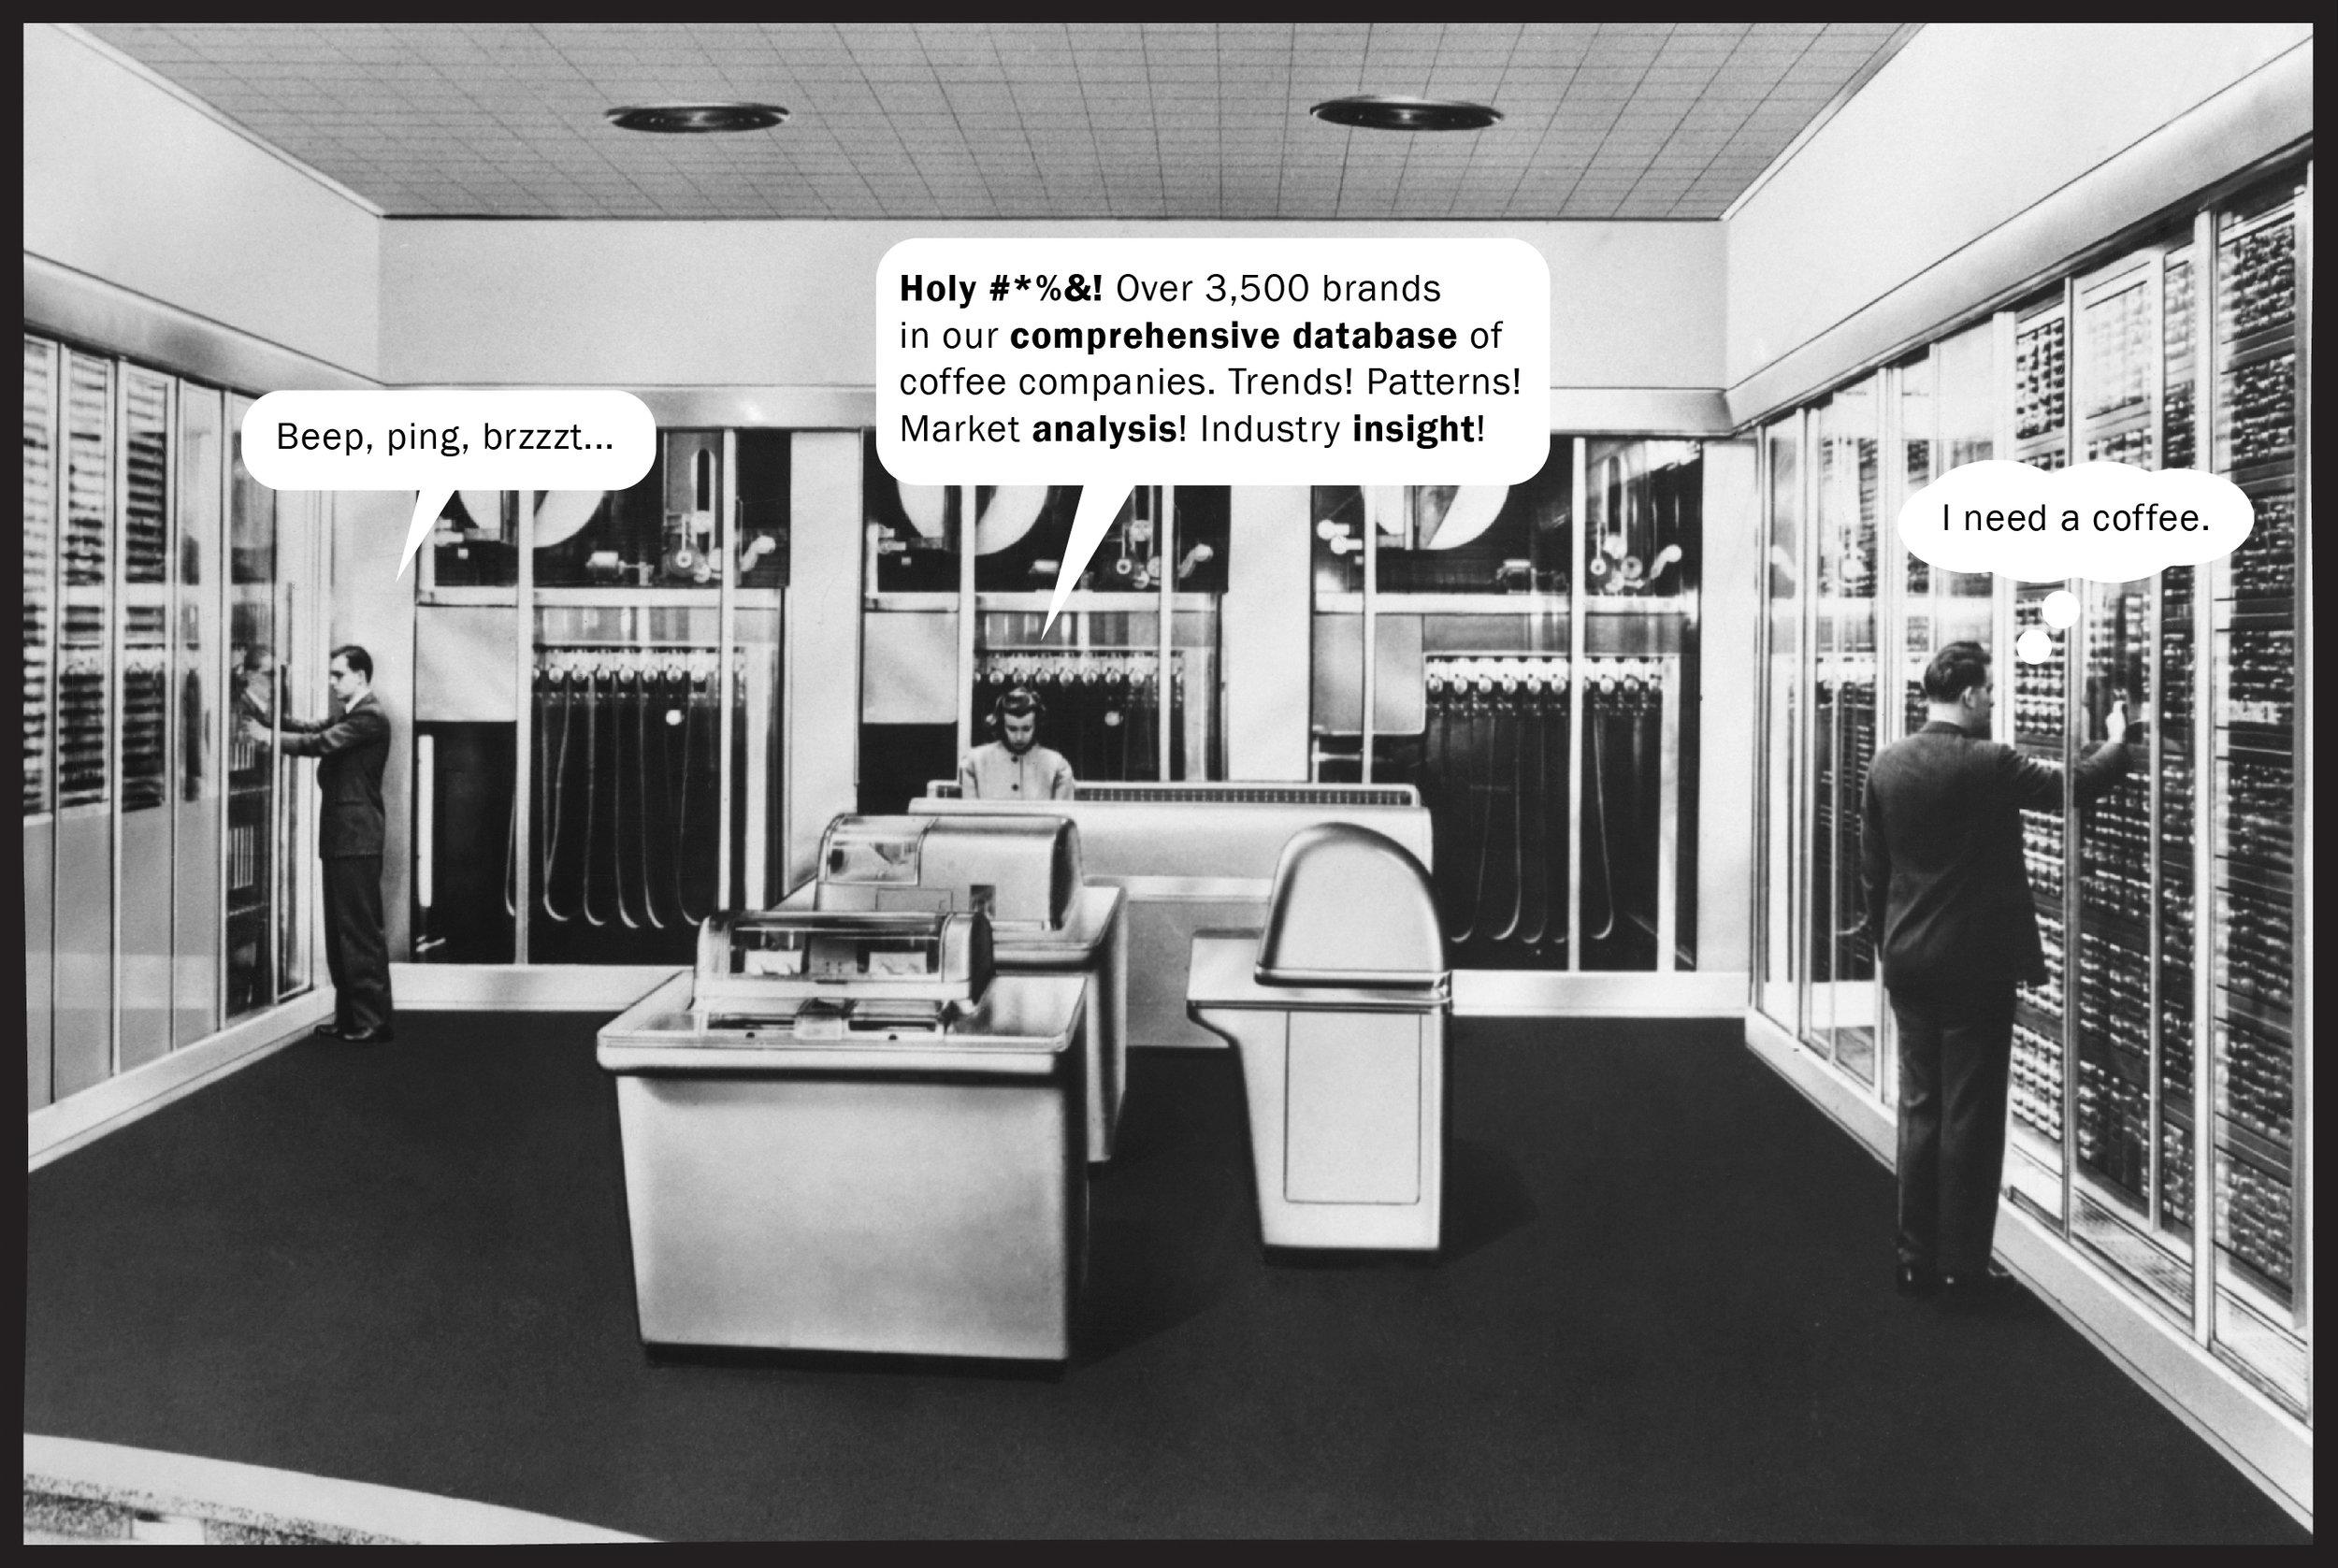 Postcard PQC Mission Control FINAL 1-10-18.jpg